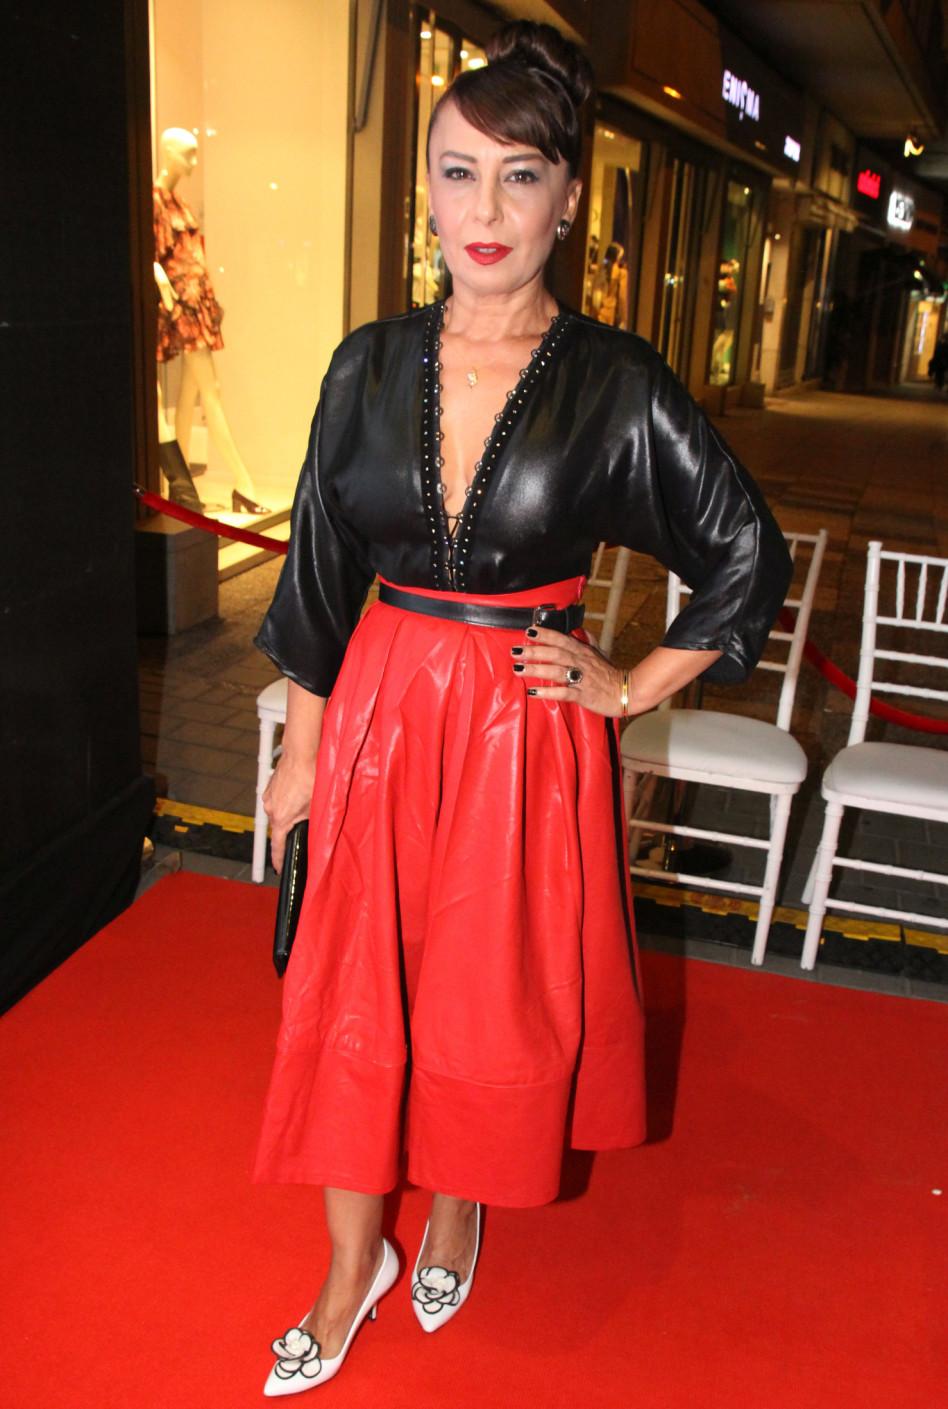 בחצאית אדומה. אוולין הגואל